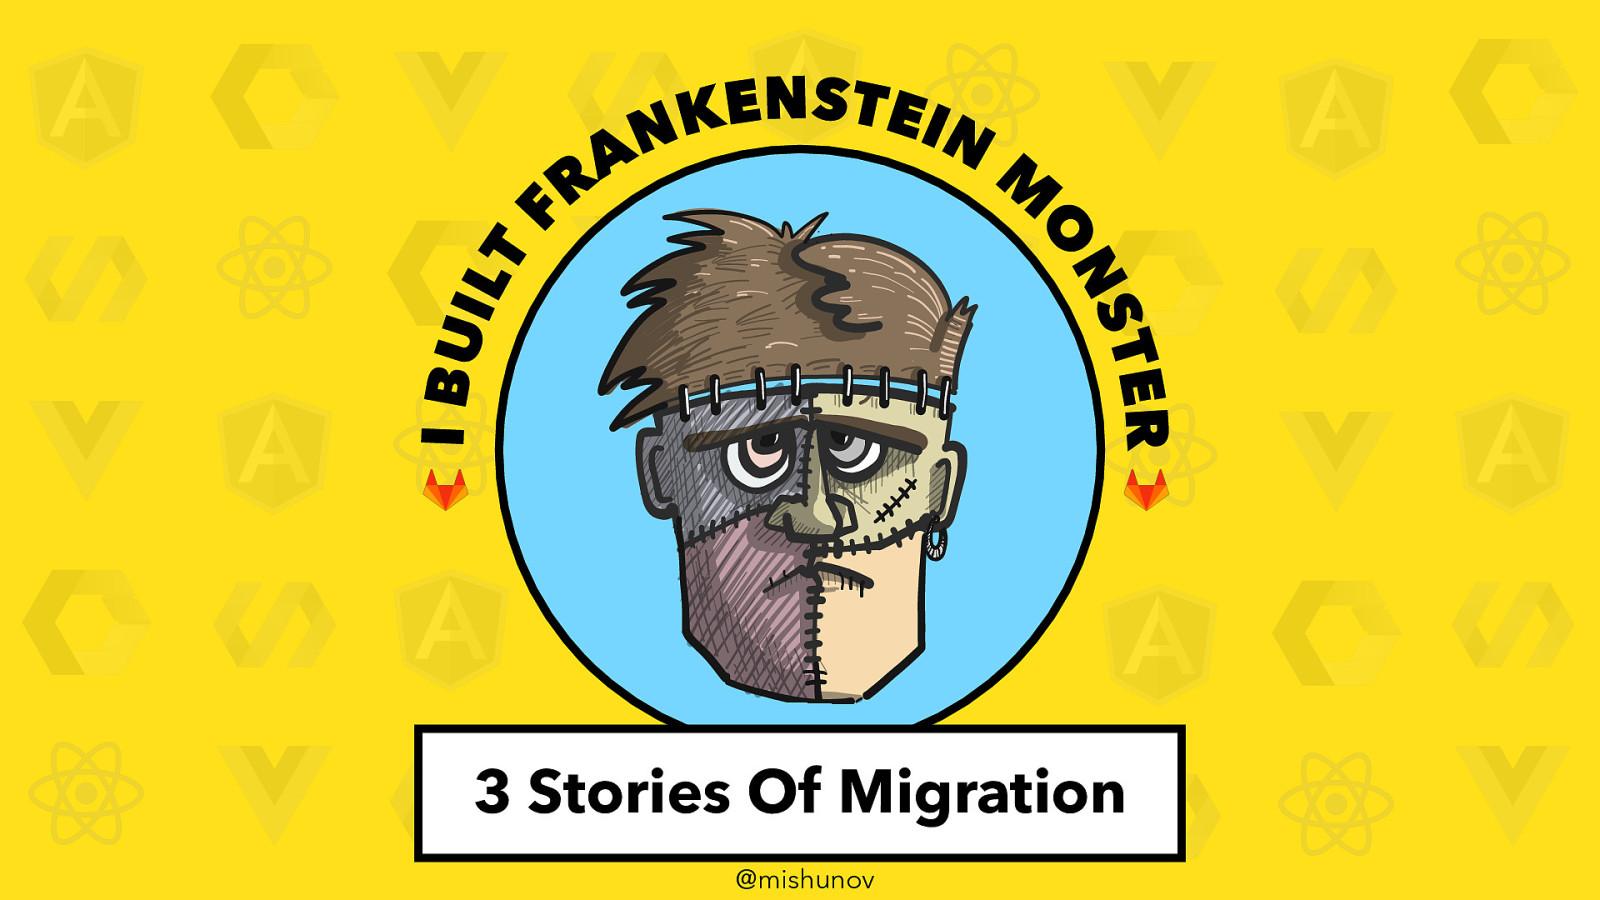 Я создал Франкенштейна: 3 истории миграции